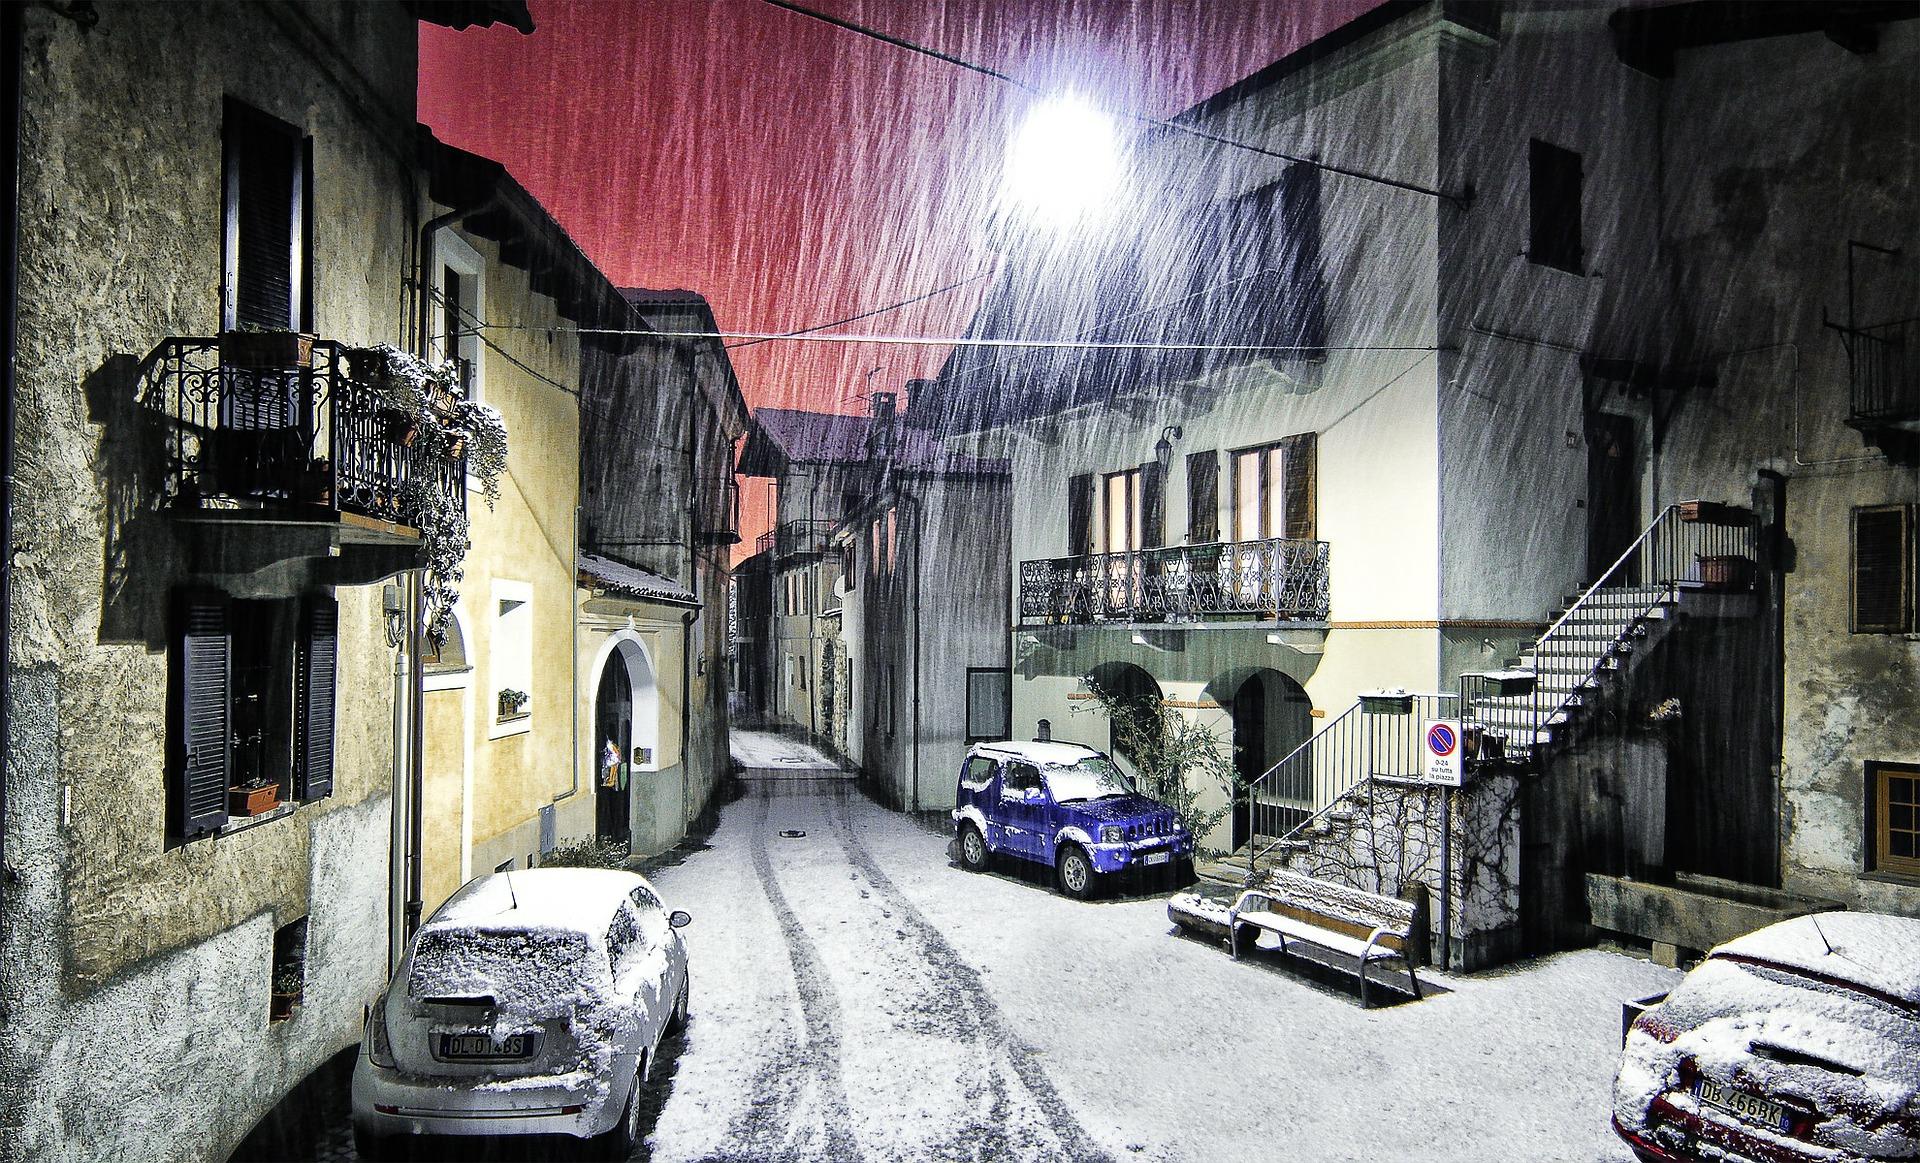 Brutális kártérítést fizethetnek idén télen a háztulajdonosok: erre sokan nem figyelnek